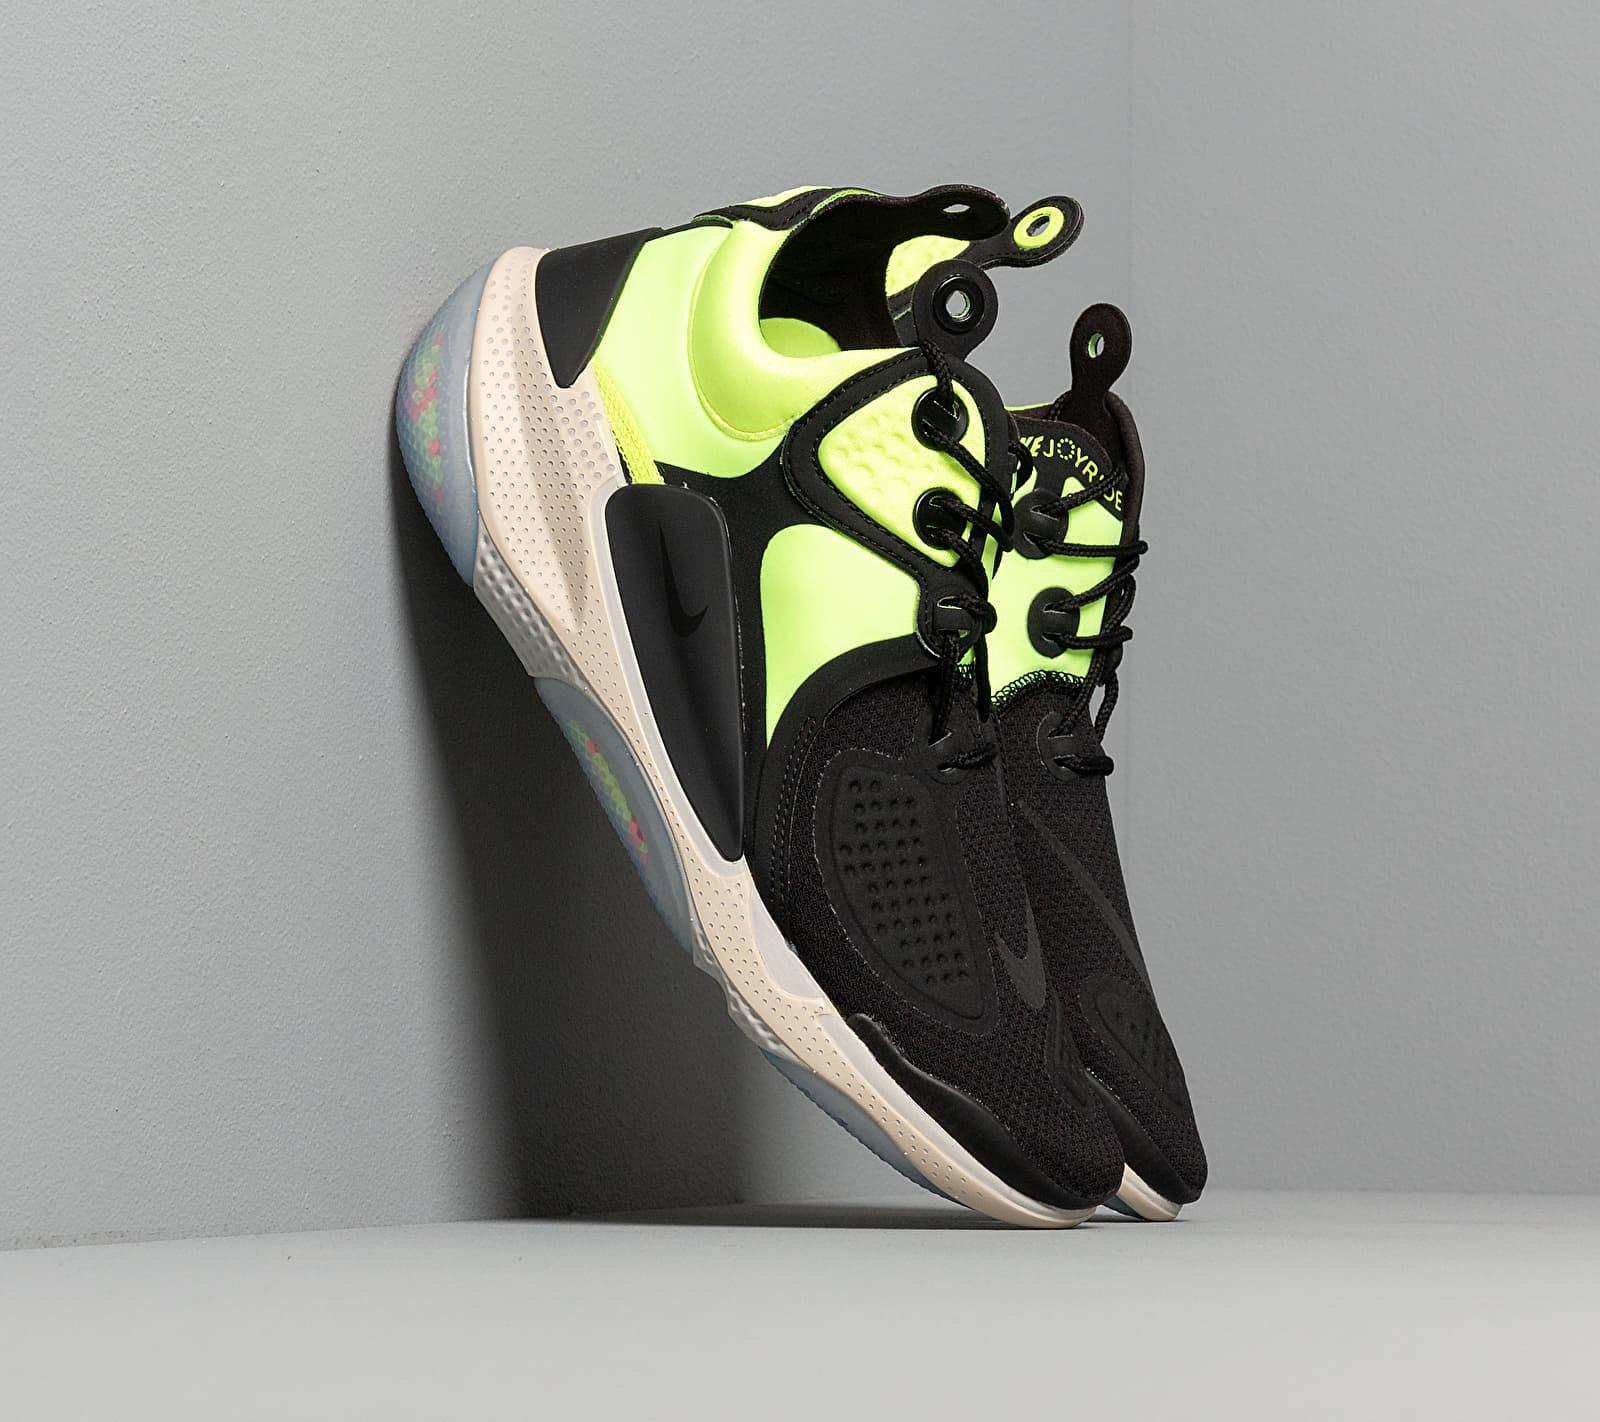 Nike Joyride Cc3 Setter Black/ Black-Volt-Oatmeal AT6395-002